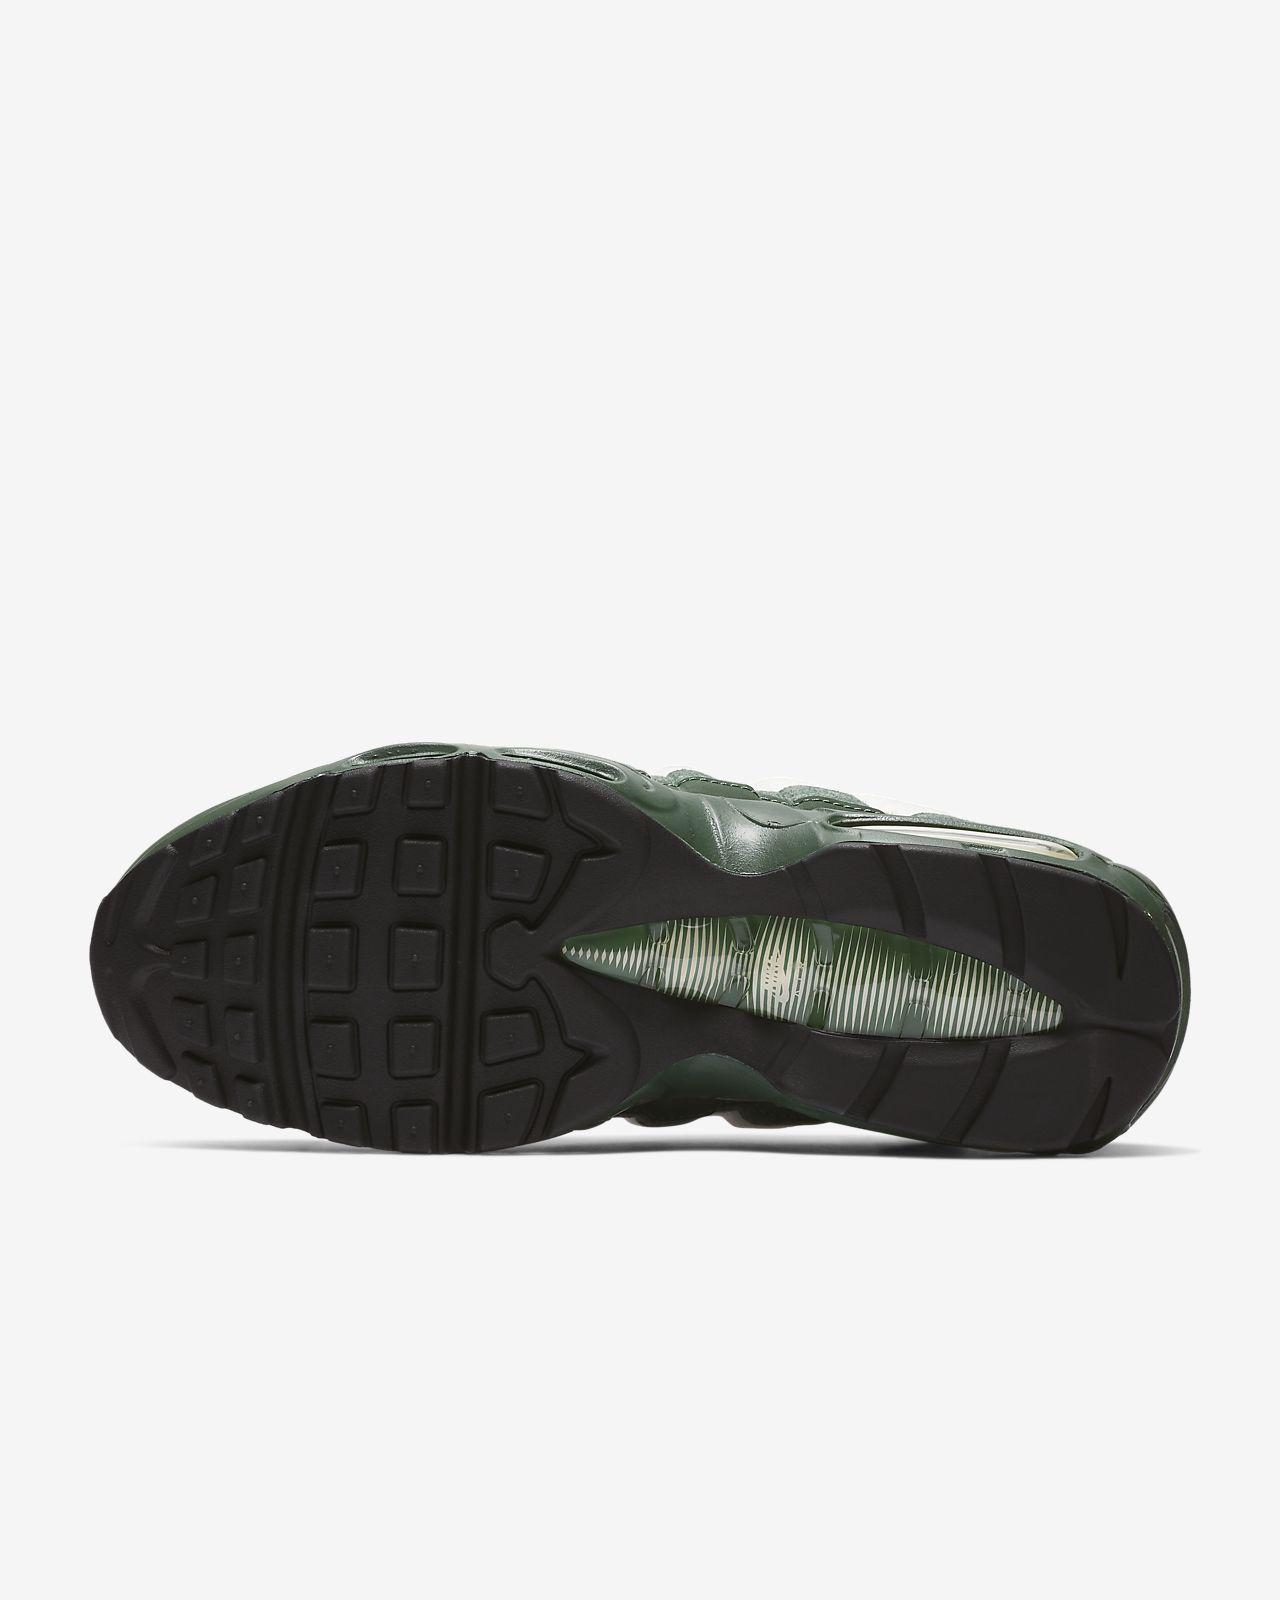 b0c17d3881 Nike Air Max 95 Men's Shoe. Nike.com